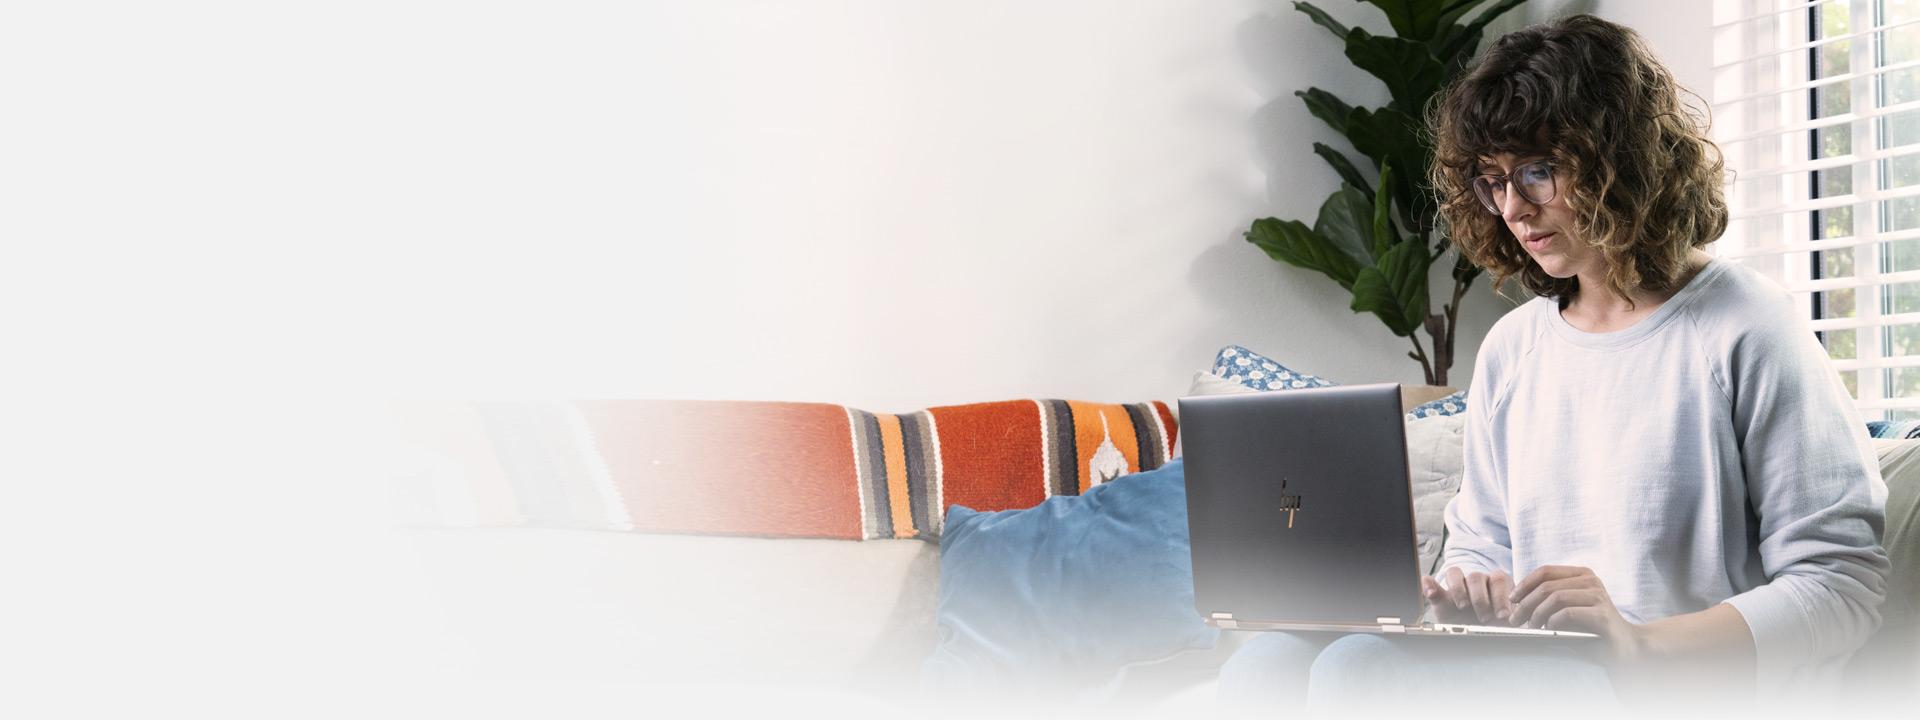 Una donna utilizza un portatile seduta su un divano